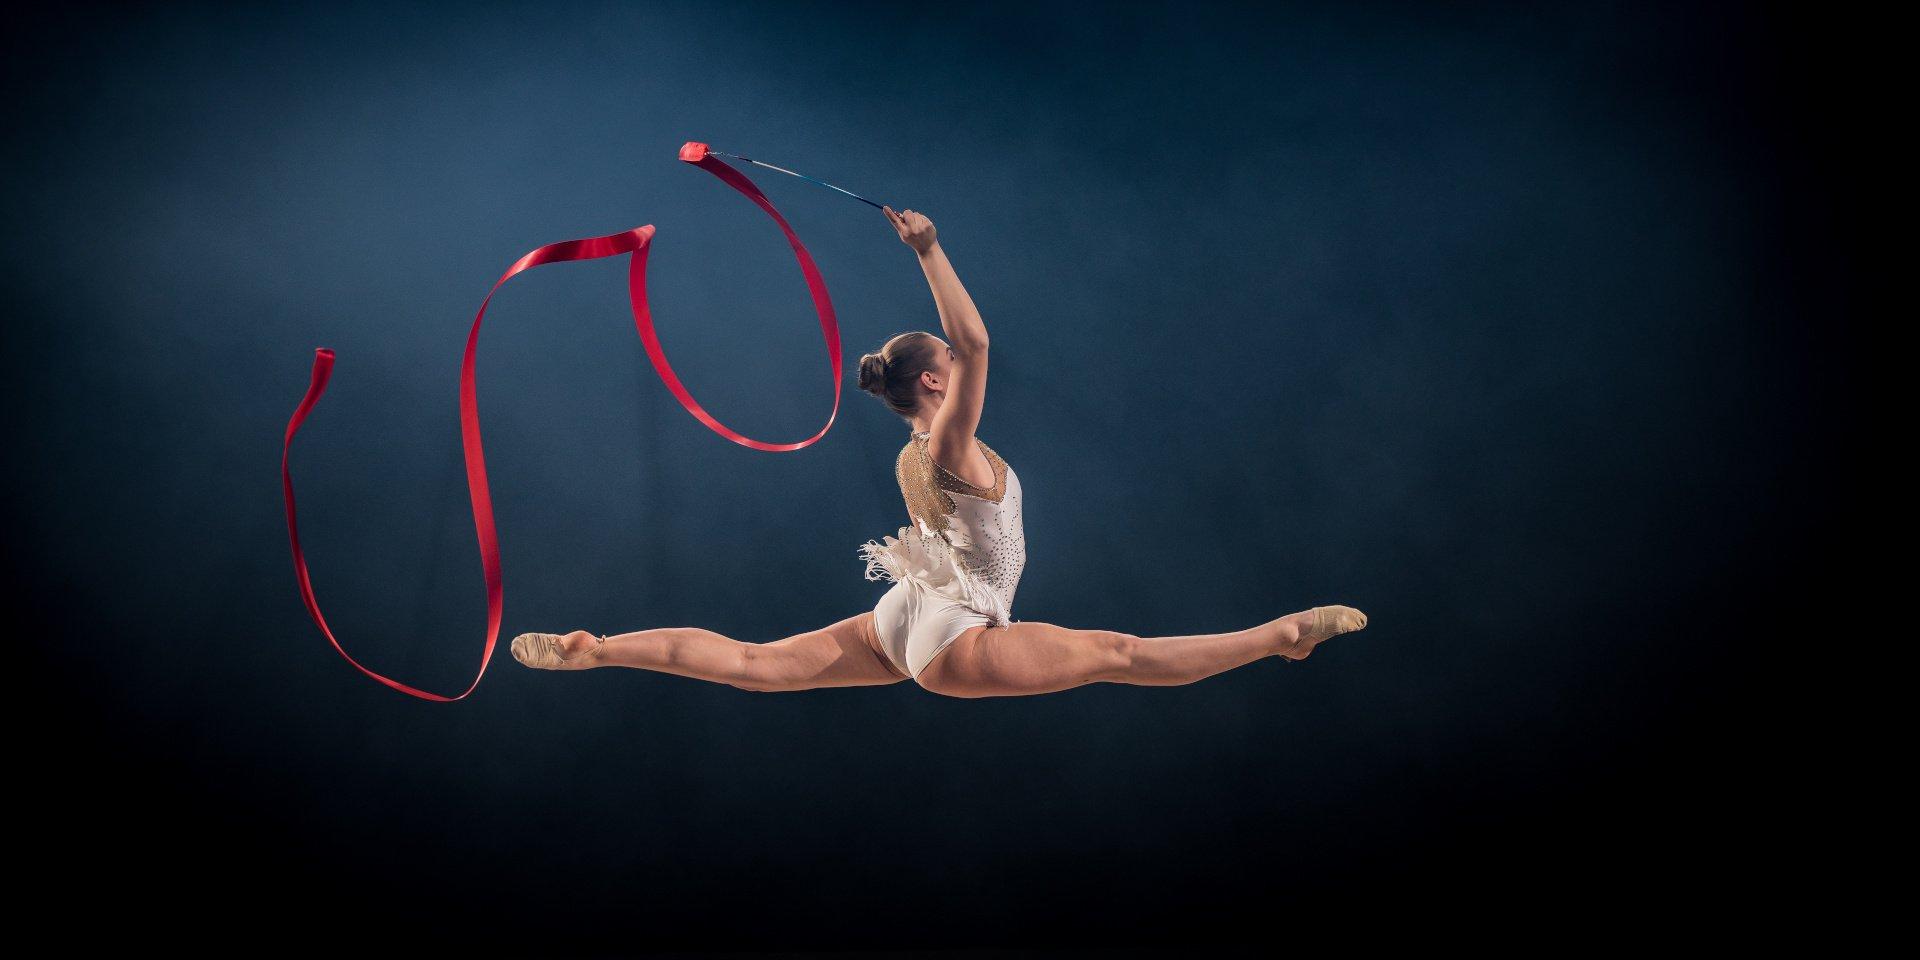 agile-gymnast-blog